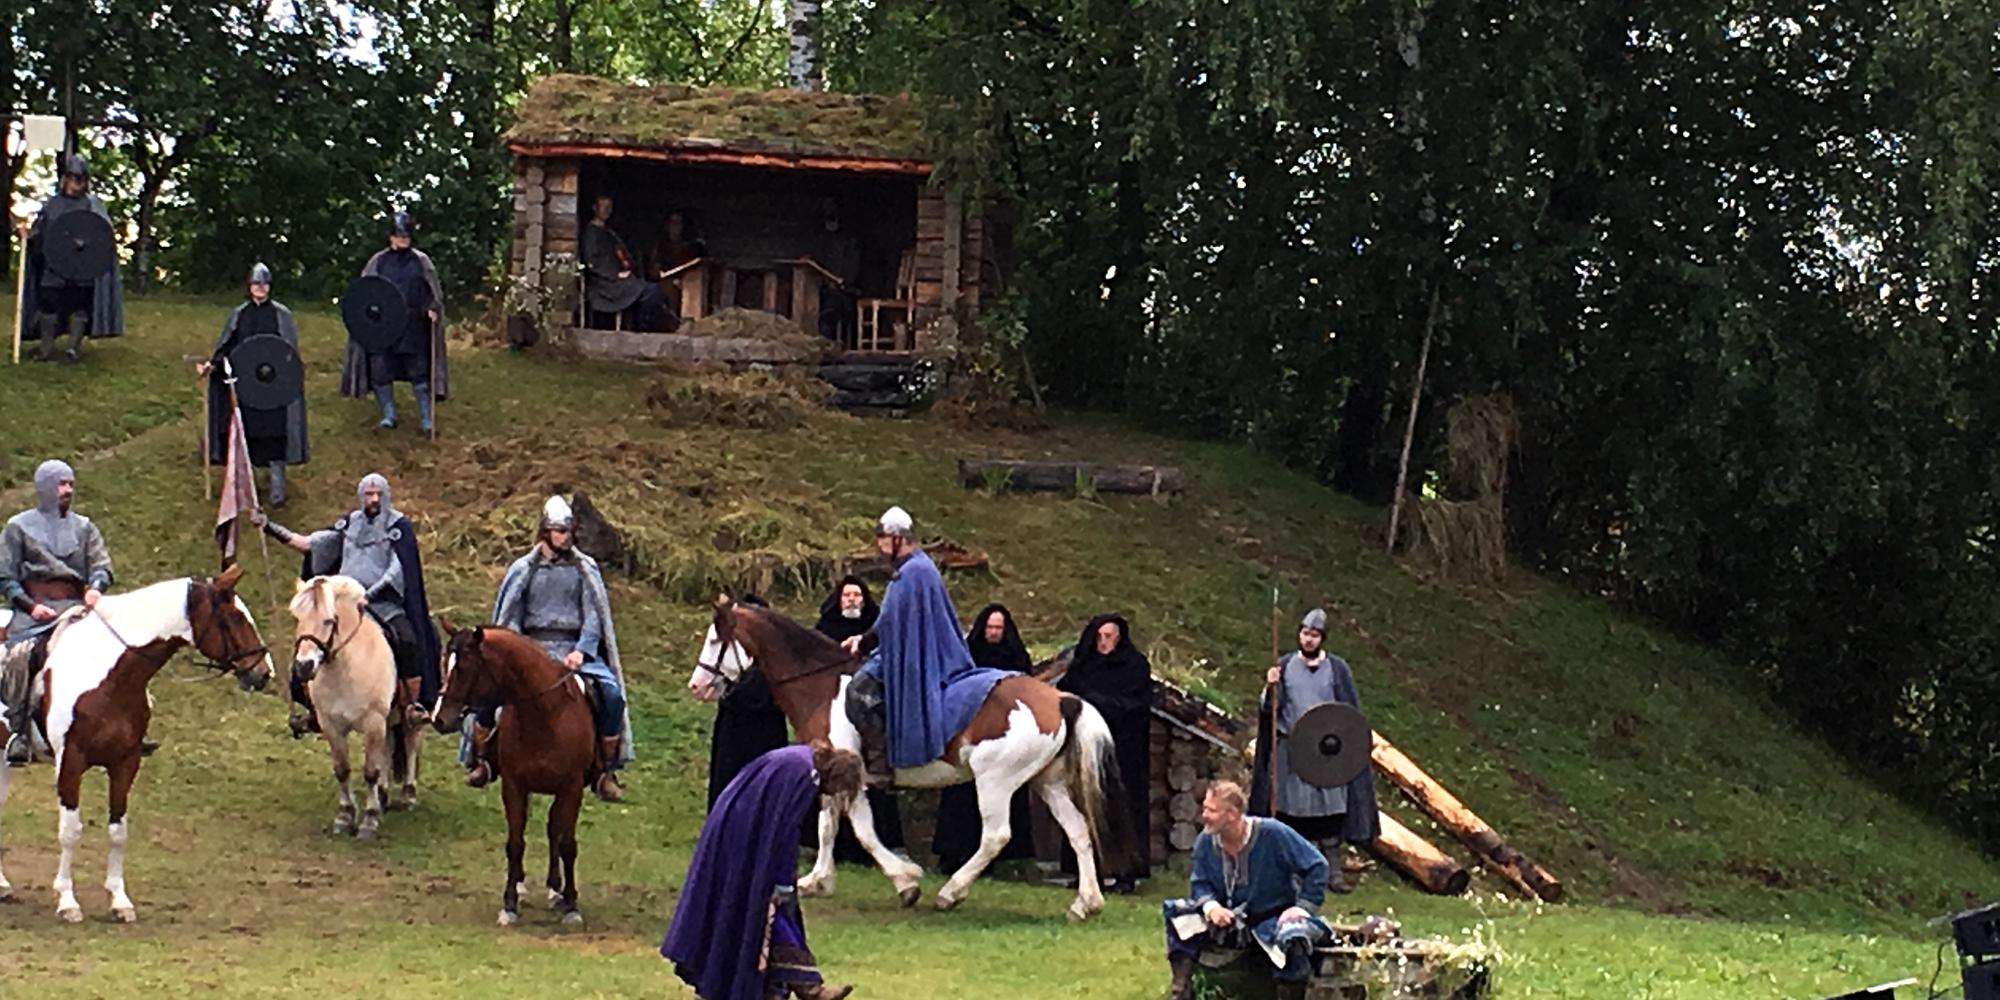 Scene fra Spelet om Heilag Olav 2016, 4 forestillinger hvert år under Olsokfestivalen i slutten av juli. Copyright: Visit Innnherred